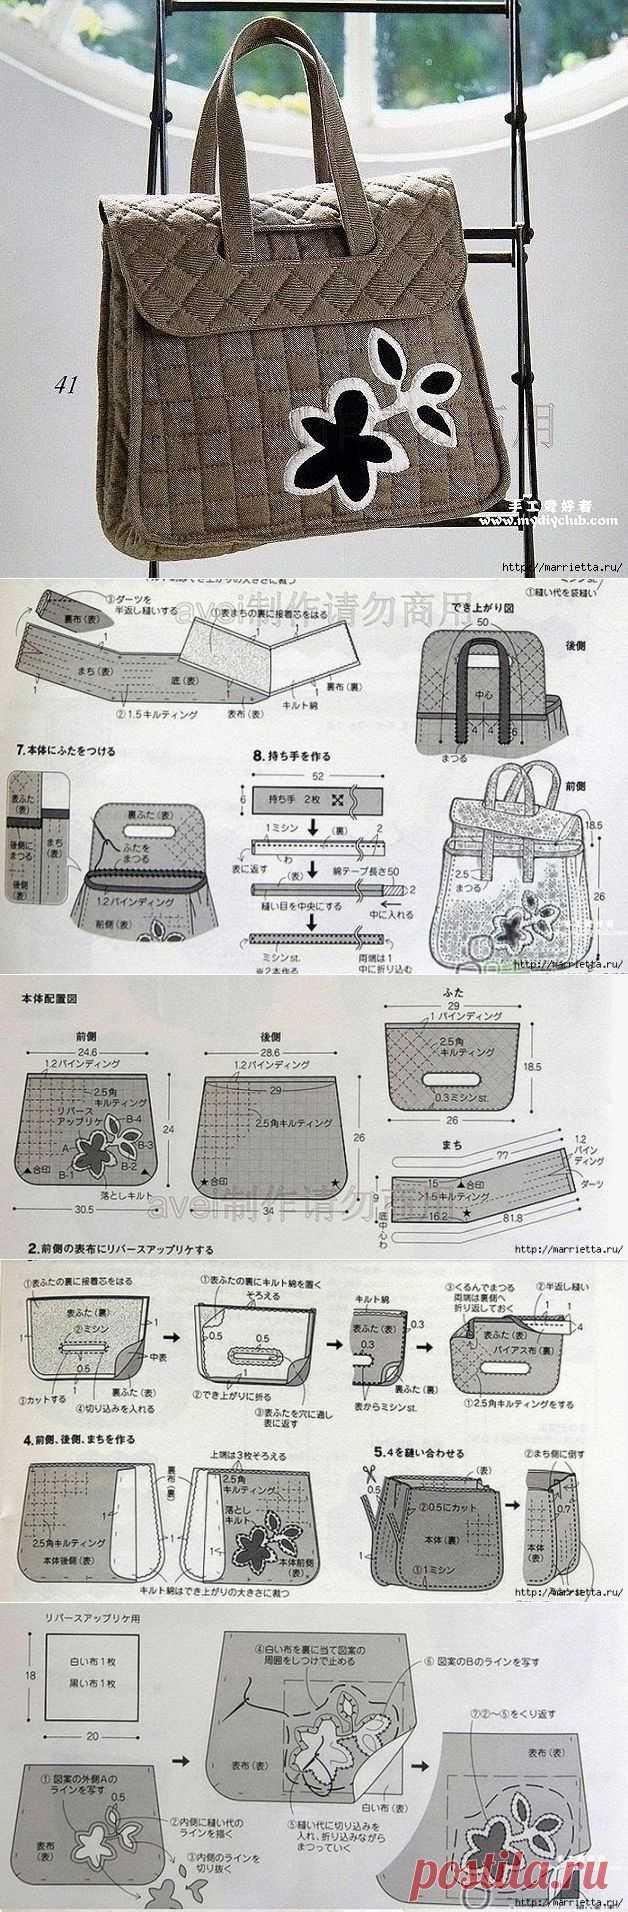 самим обалденные сумки выкройки с фото самый распространенный